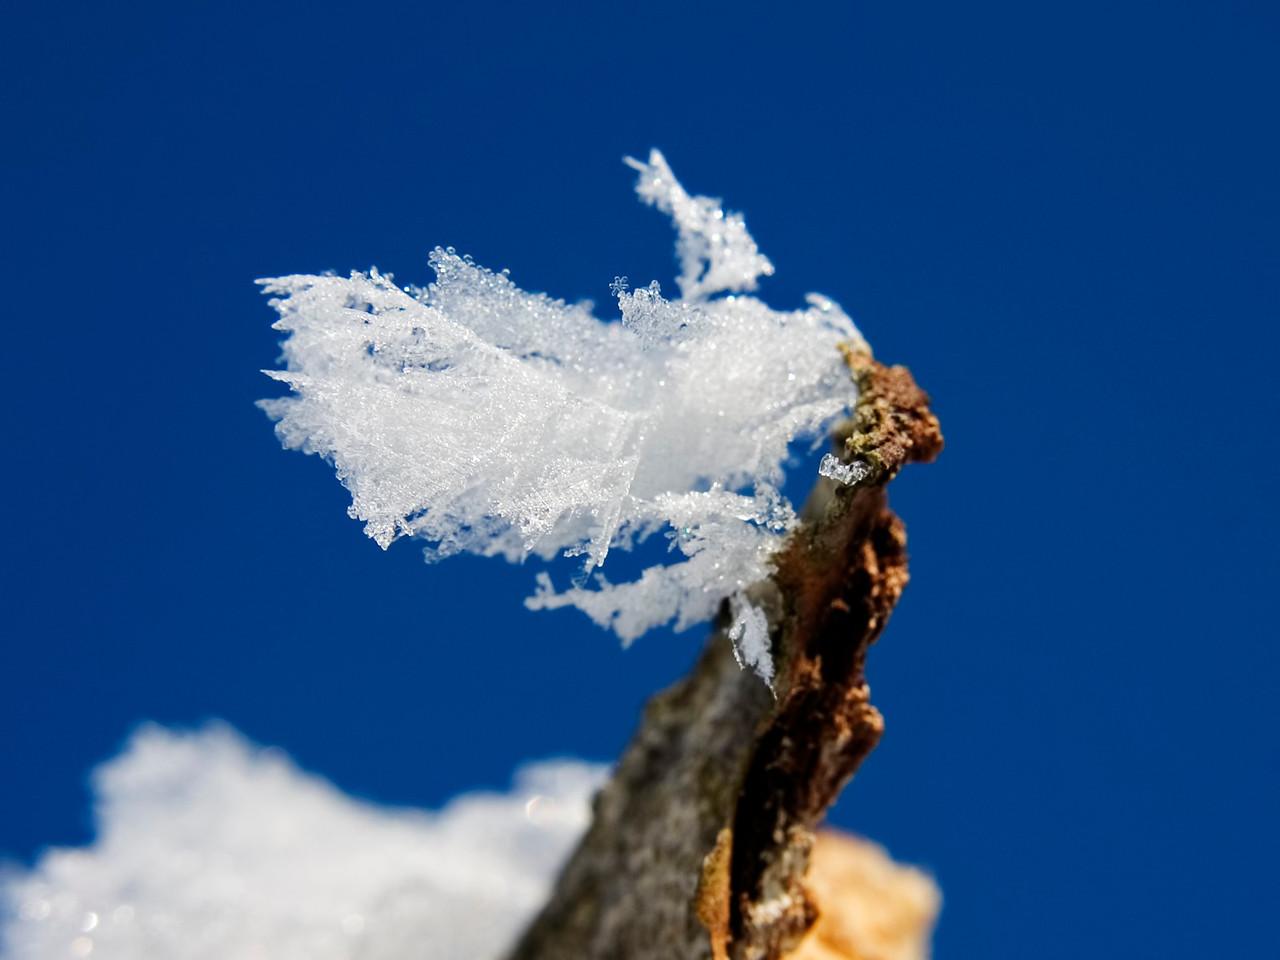 February 13 - Hoar Frost